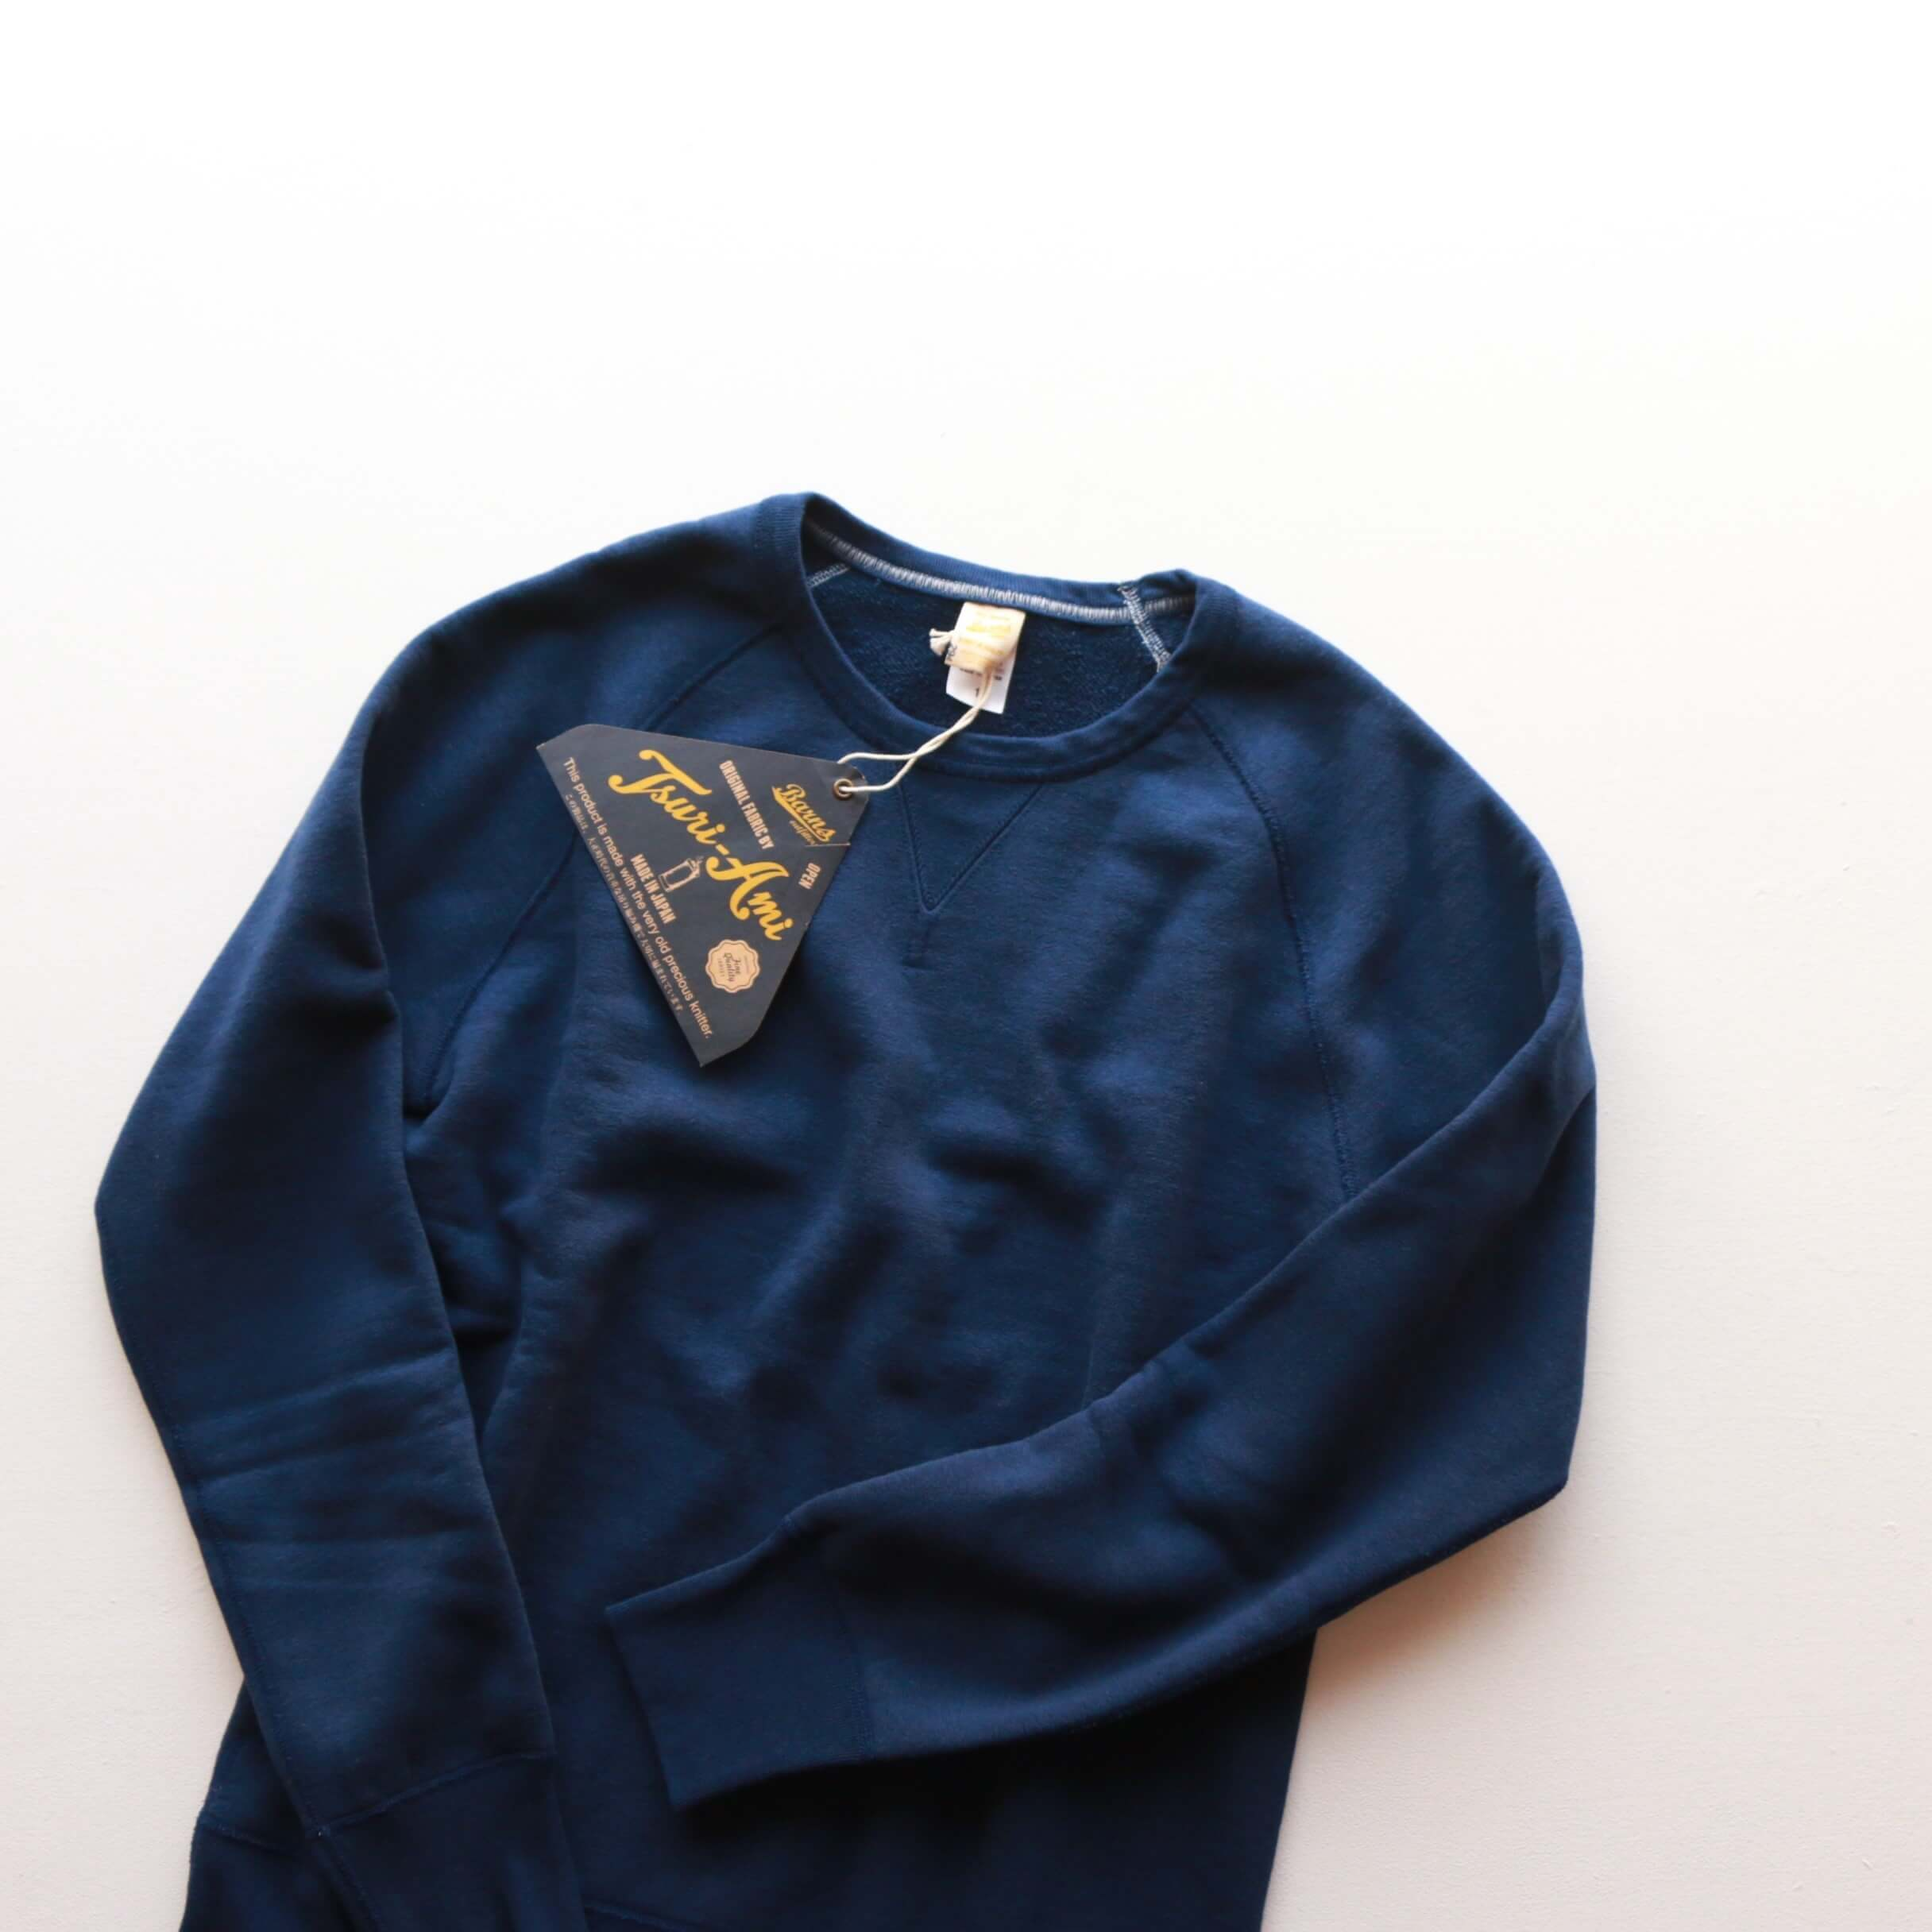 BARNS OUTFITTERS バーンズアウトフィッターズ TSURI-AMI RAGLAN L/S CREW SWEAT 吊り編みスウェットシャツ